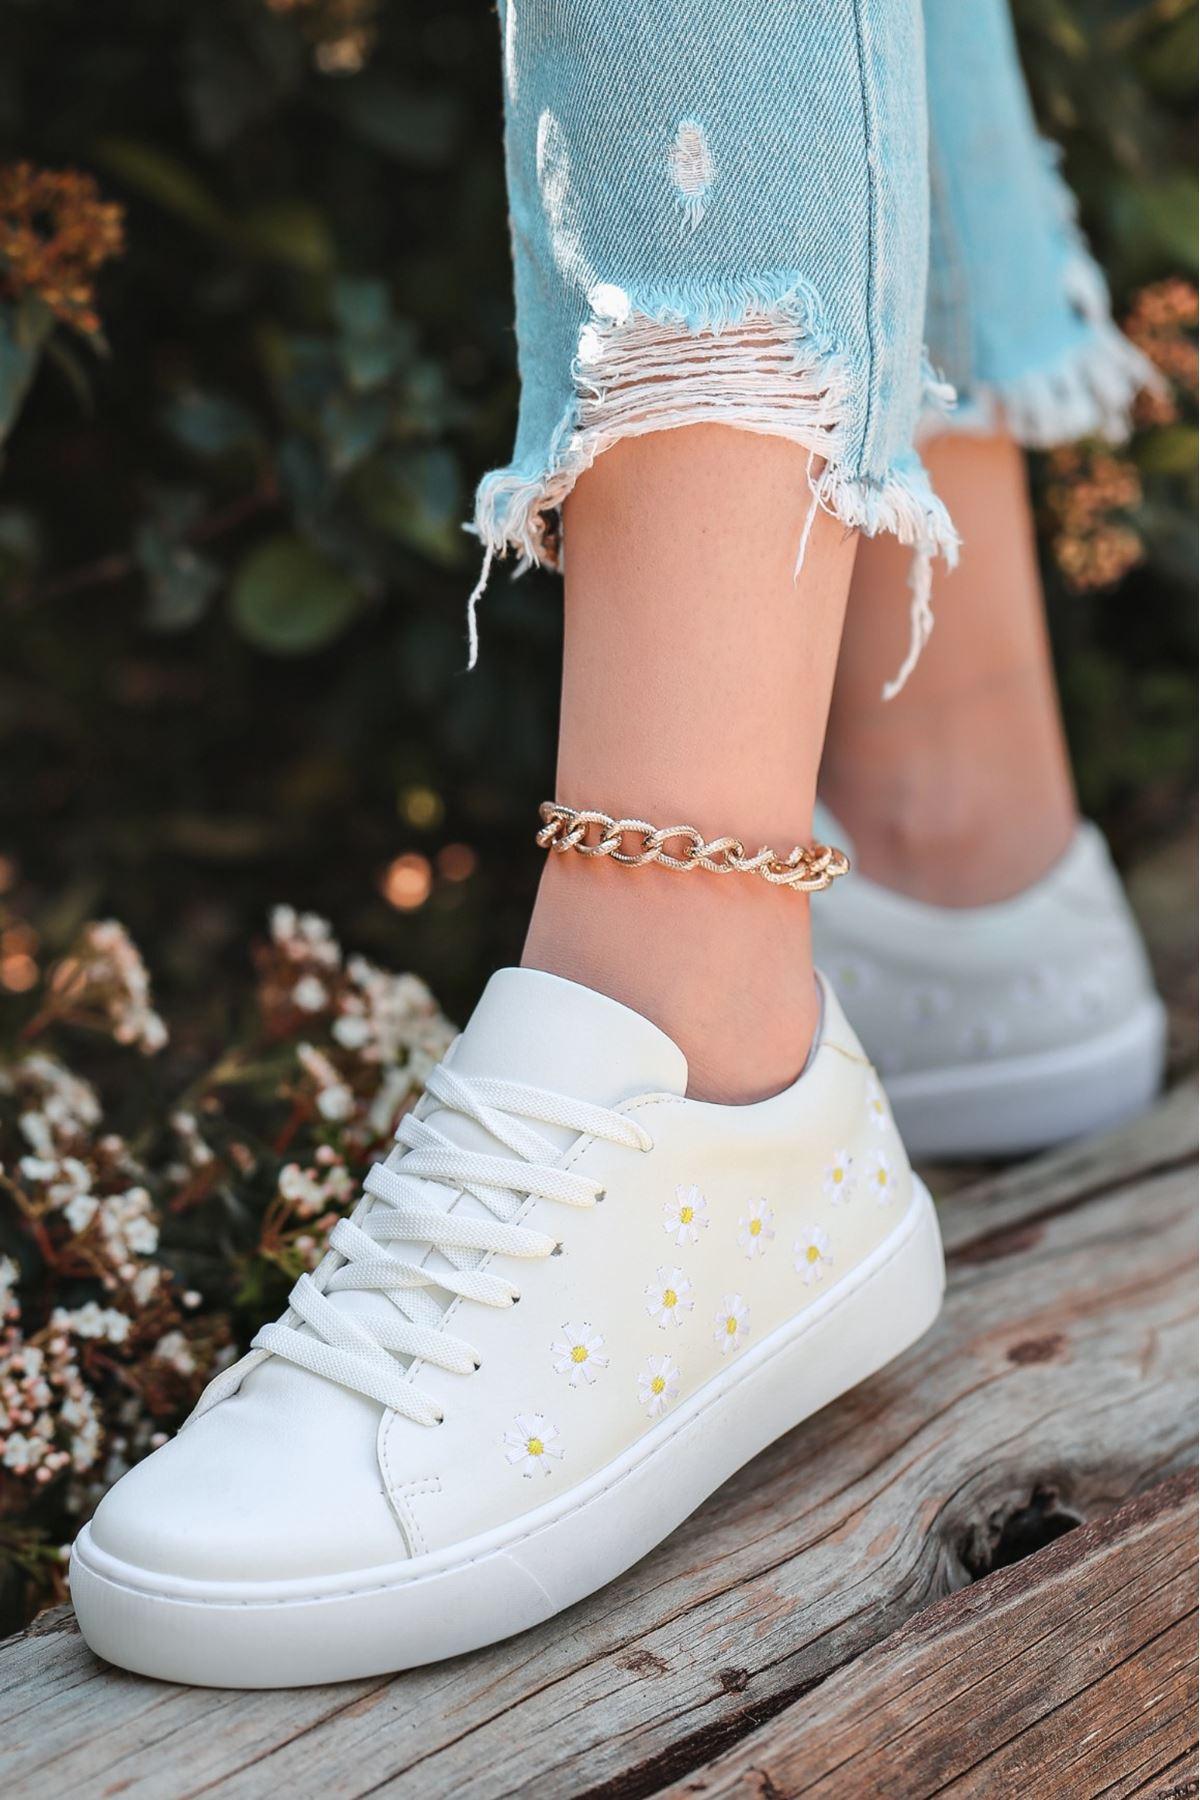 Utia Beyaz Cilt Bağcıklı Spor Ayakkabı